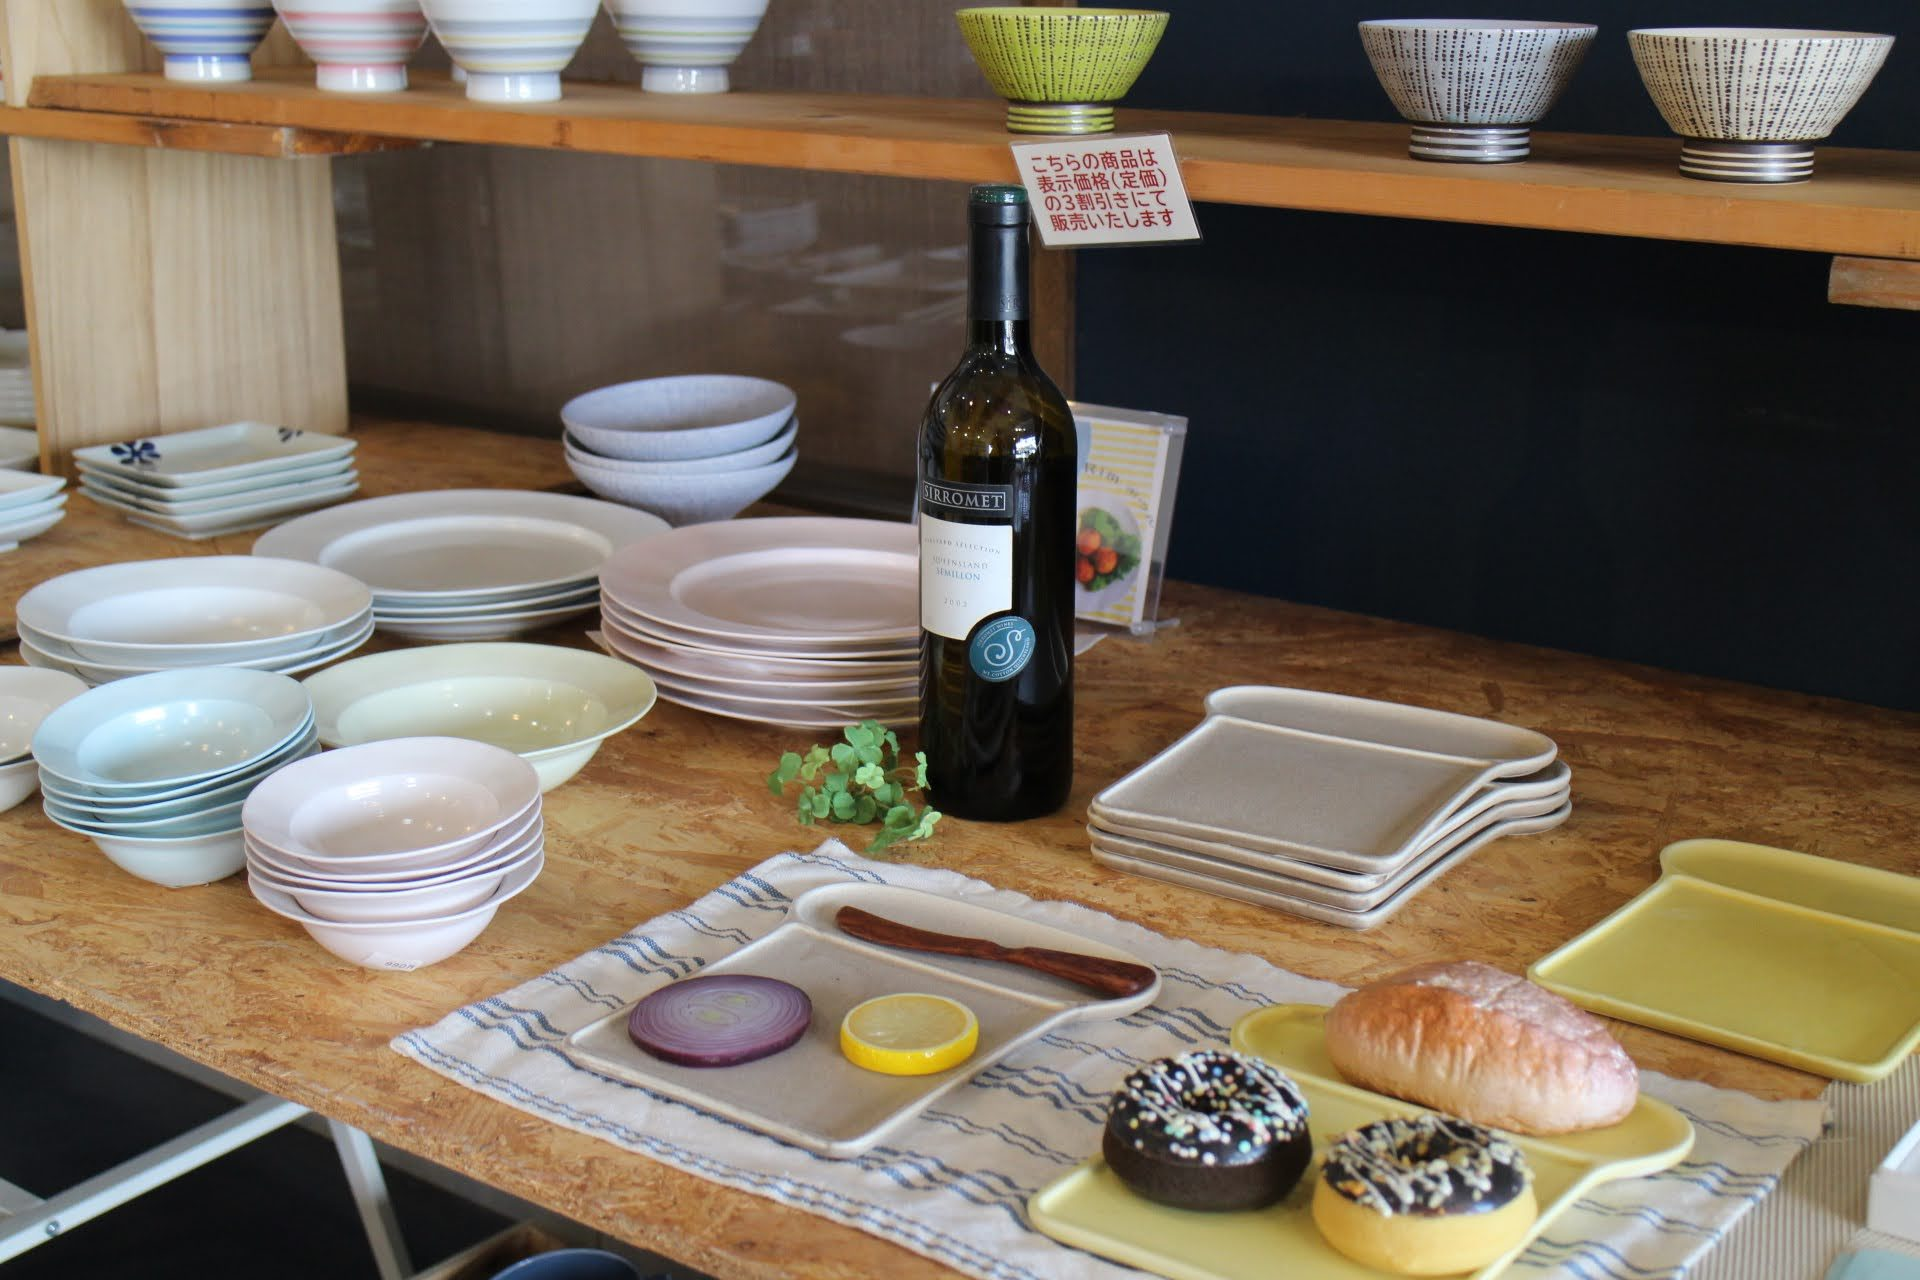 オーブンや食洗器での使用も可能で、普段使いしやすい食器ばかり